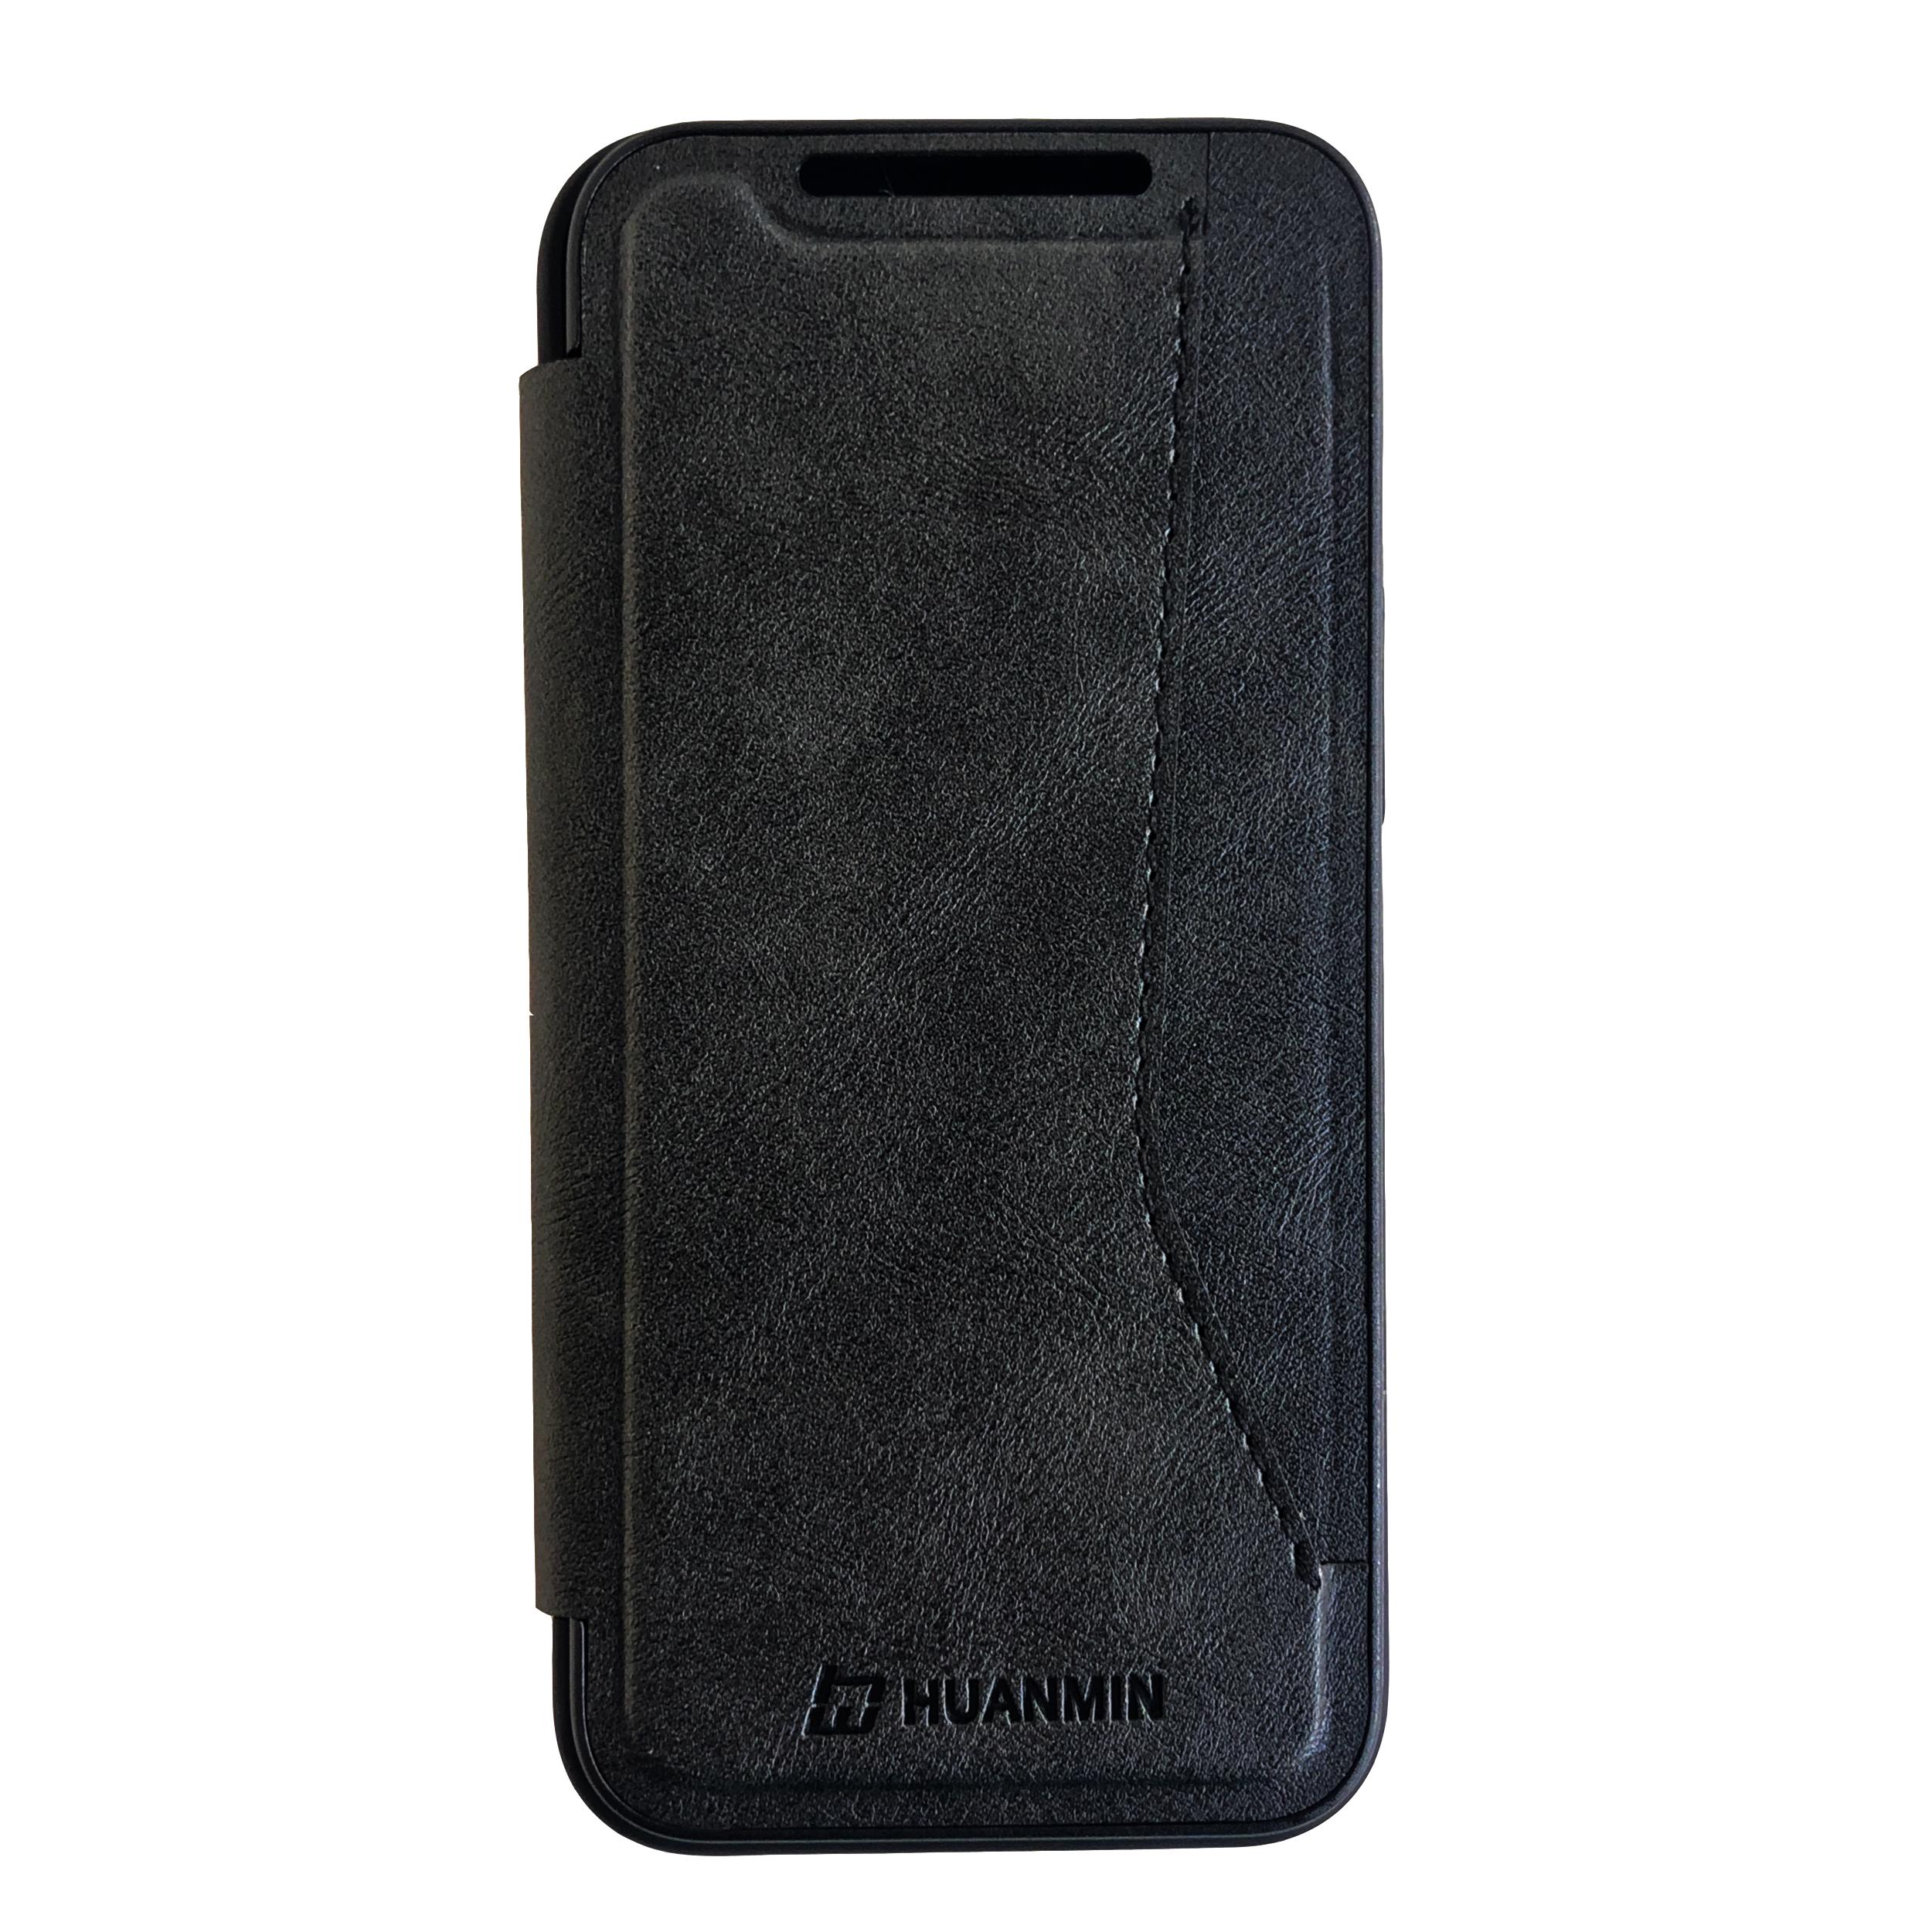 کیفکلاسوریهوآنمین مدل HM-002 مناسب برای گوشی موبایل اپل Iphone 12 mini